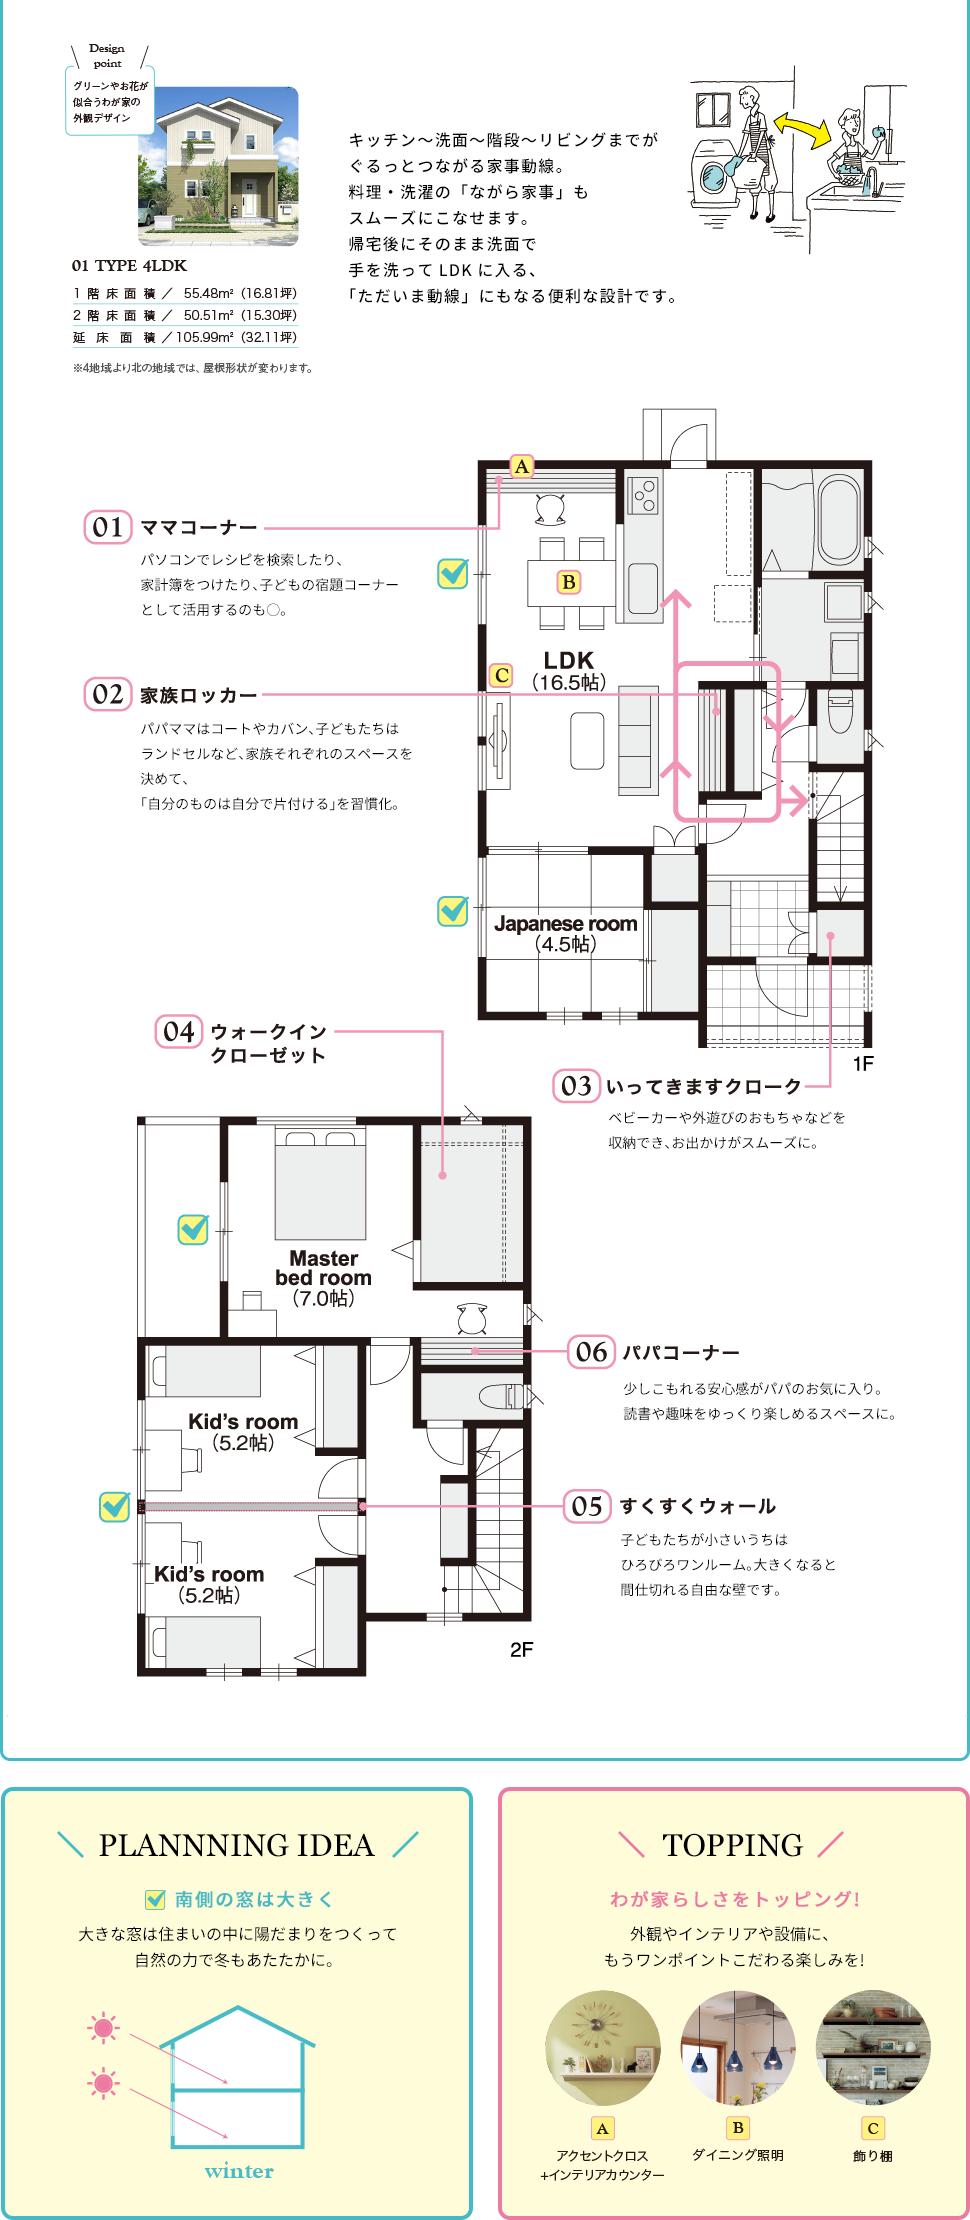 キッチン,洗面,階段,リビング,料理,せんt洗濯